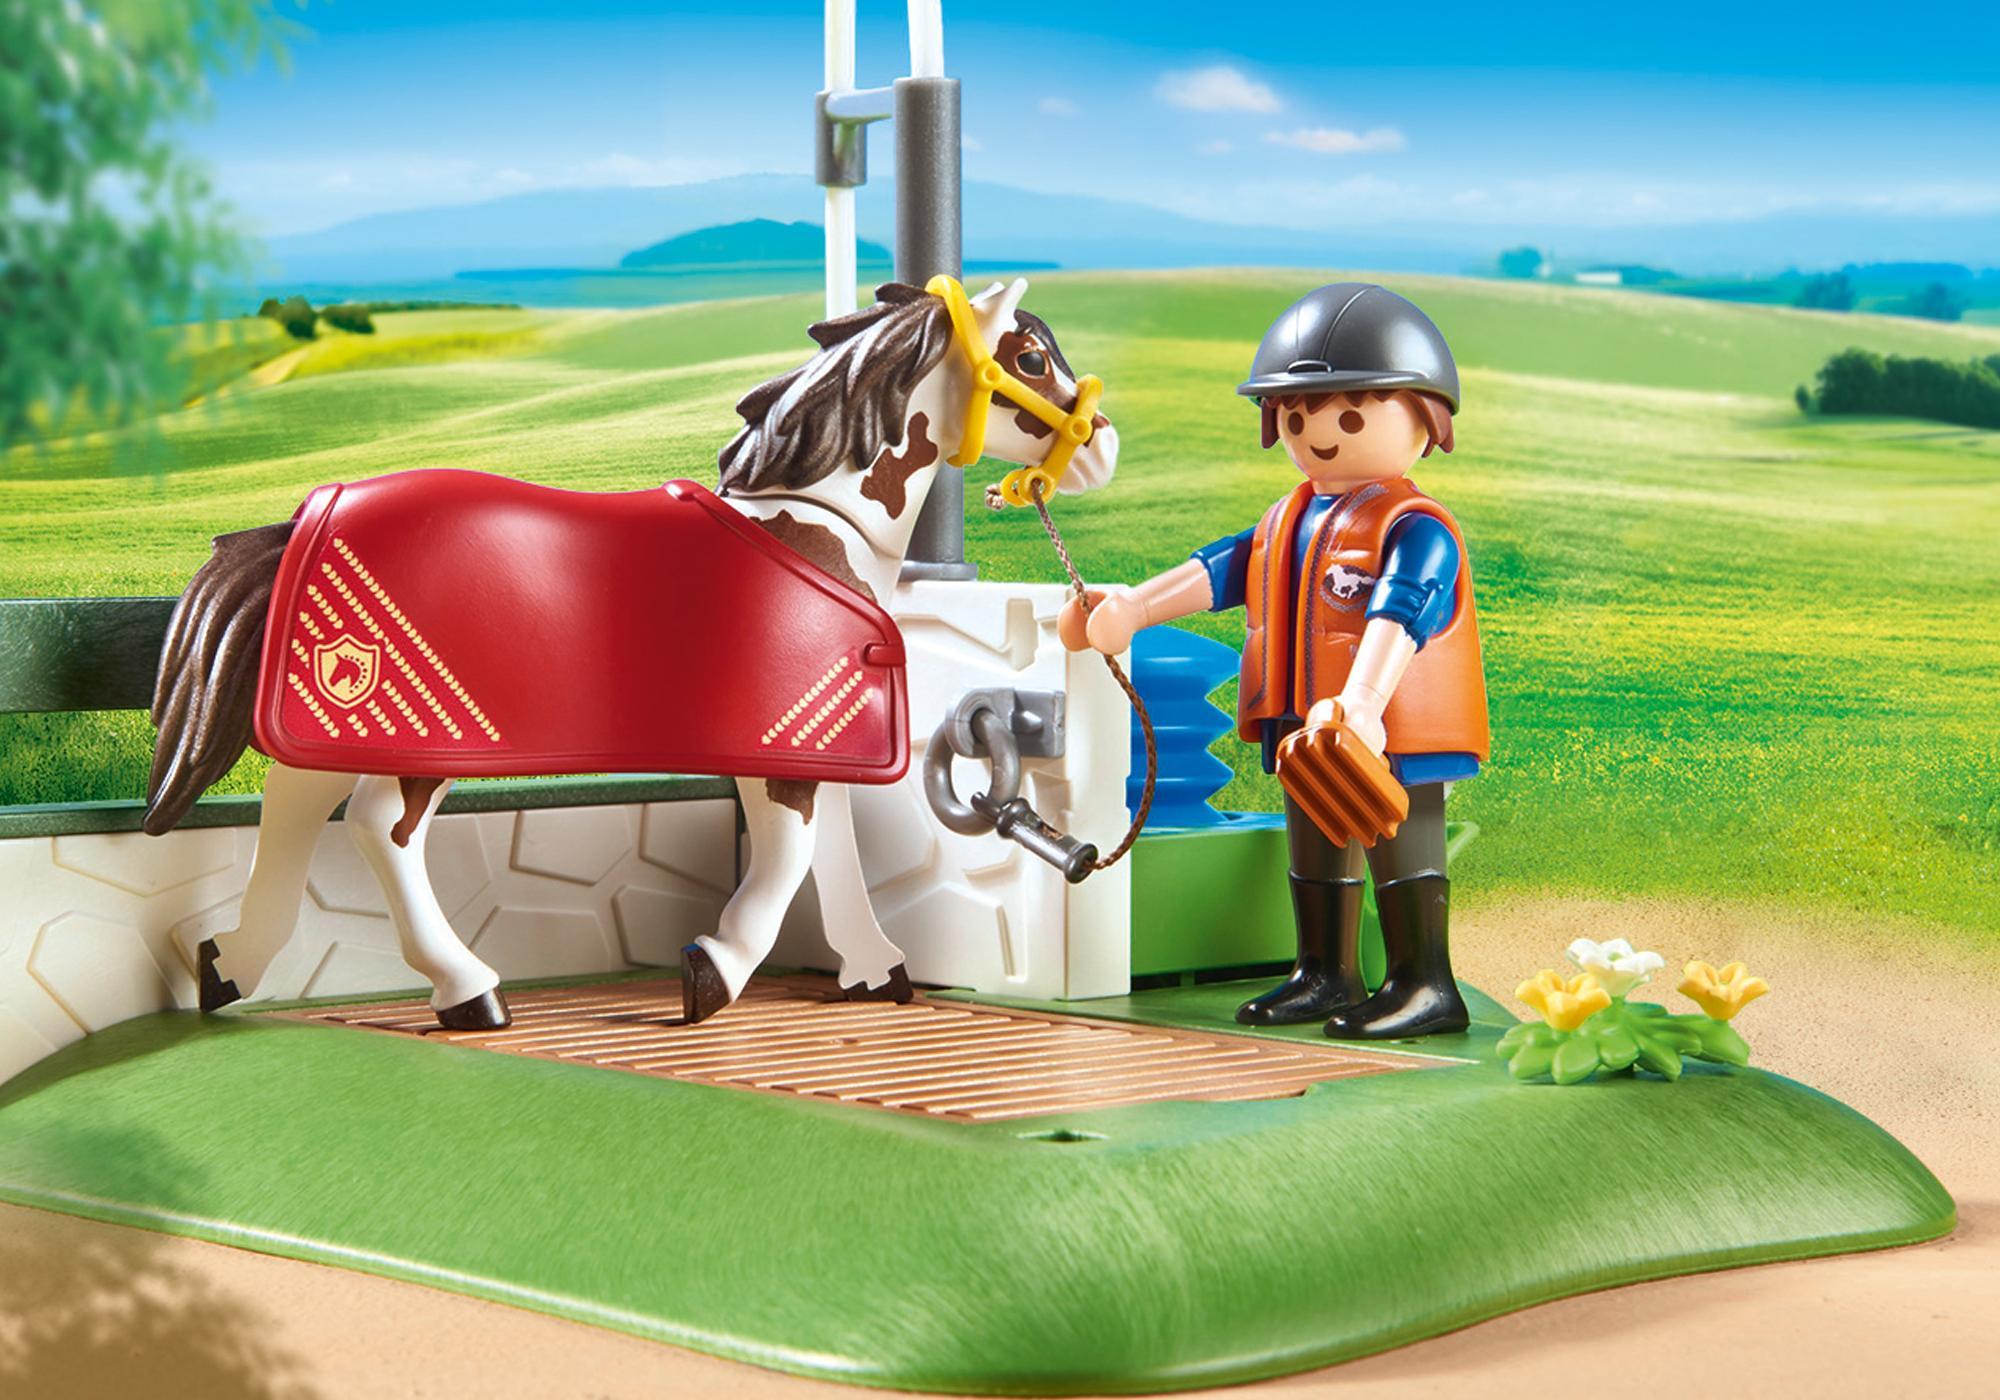 http://media.playmobil.com/i/playmobil/6929_product_extra2/Set de Limpeza para Cavalos